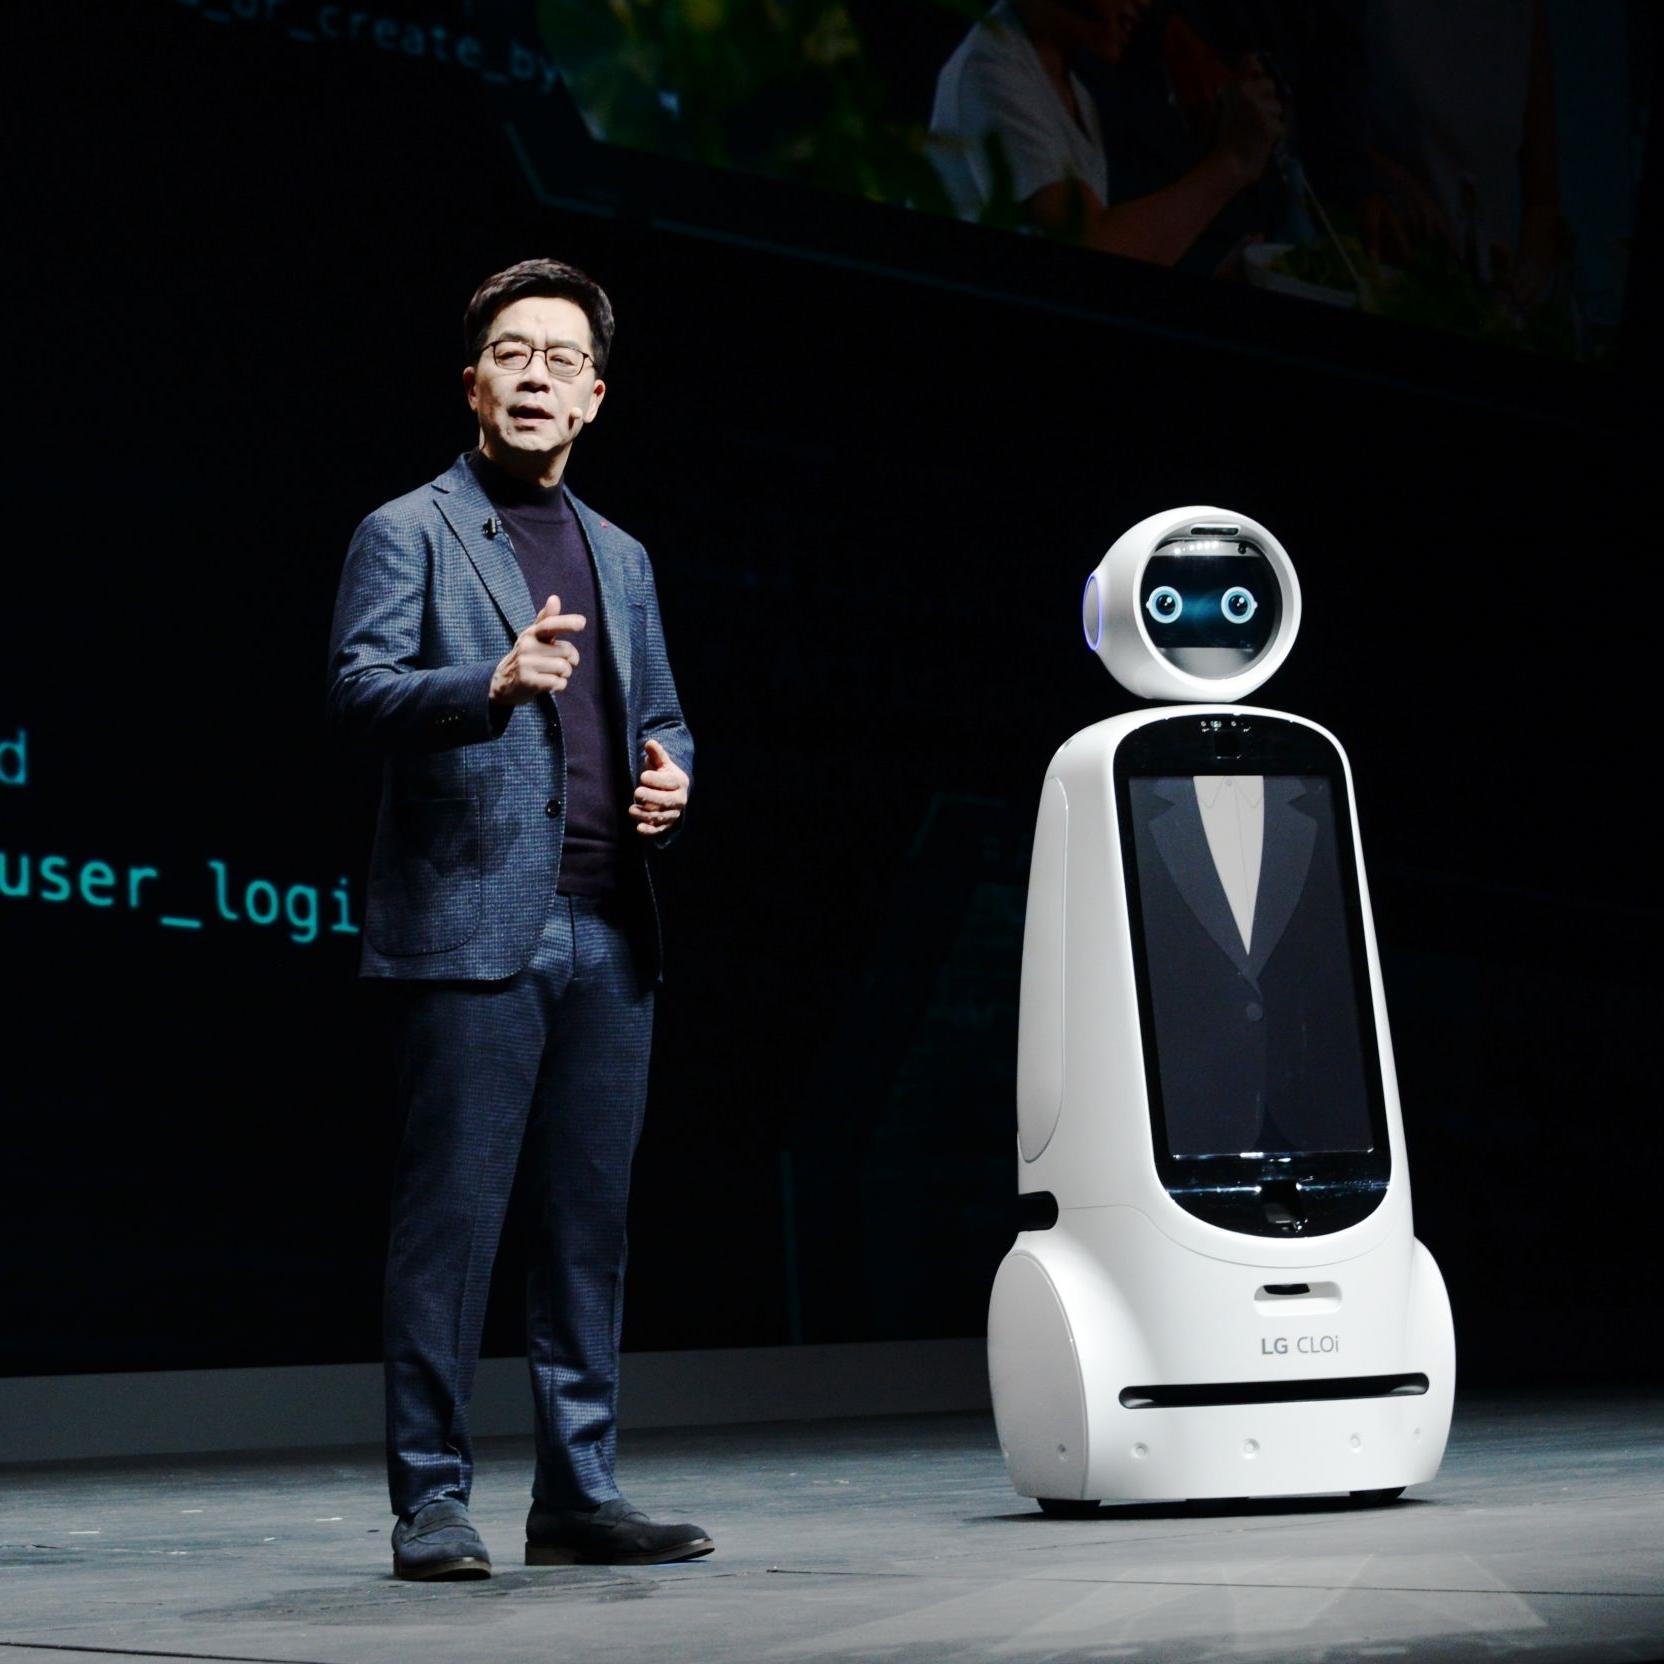 더 나은 삶을 위한 인공지능 모습은? 'CES 2019' 개막 기조연설 현장